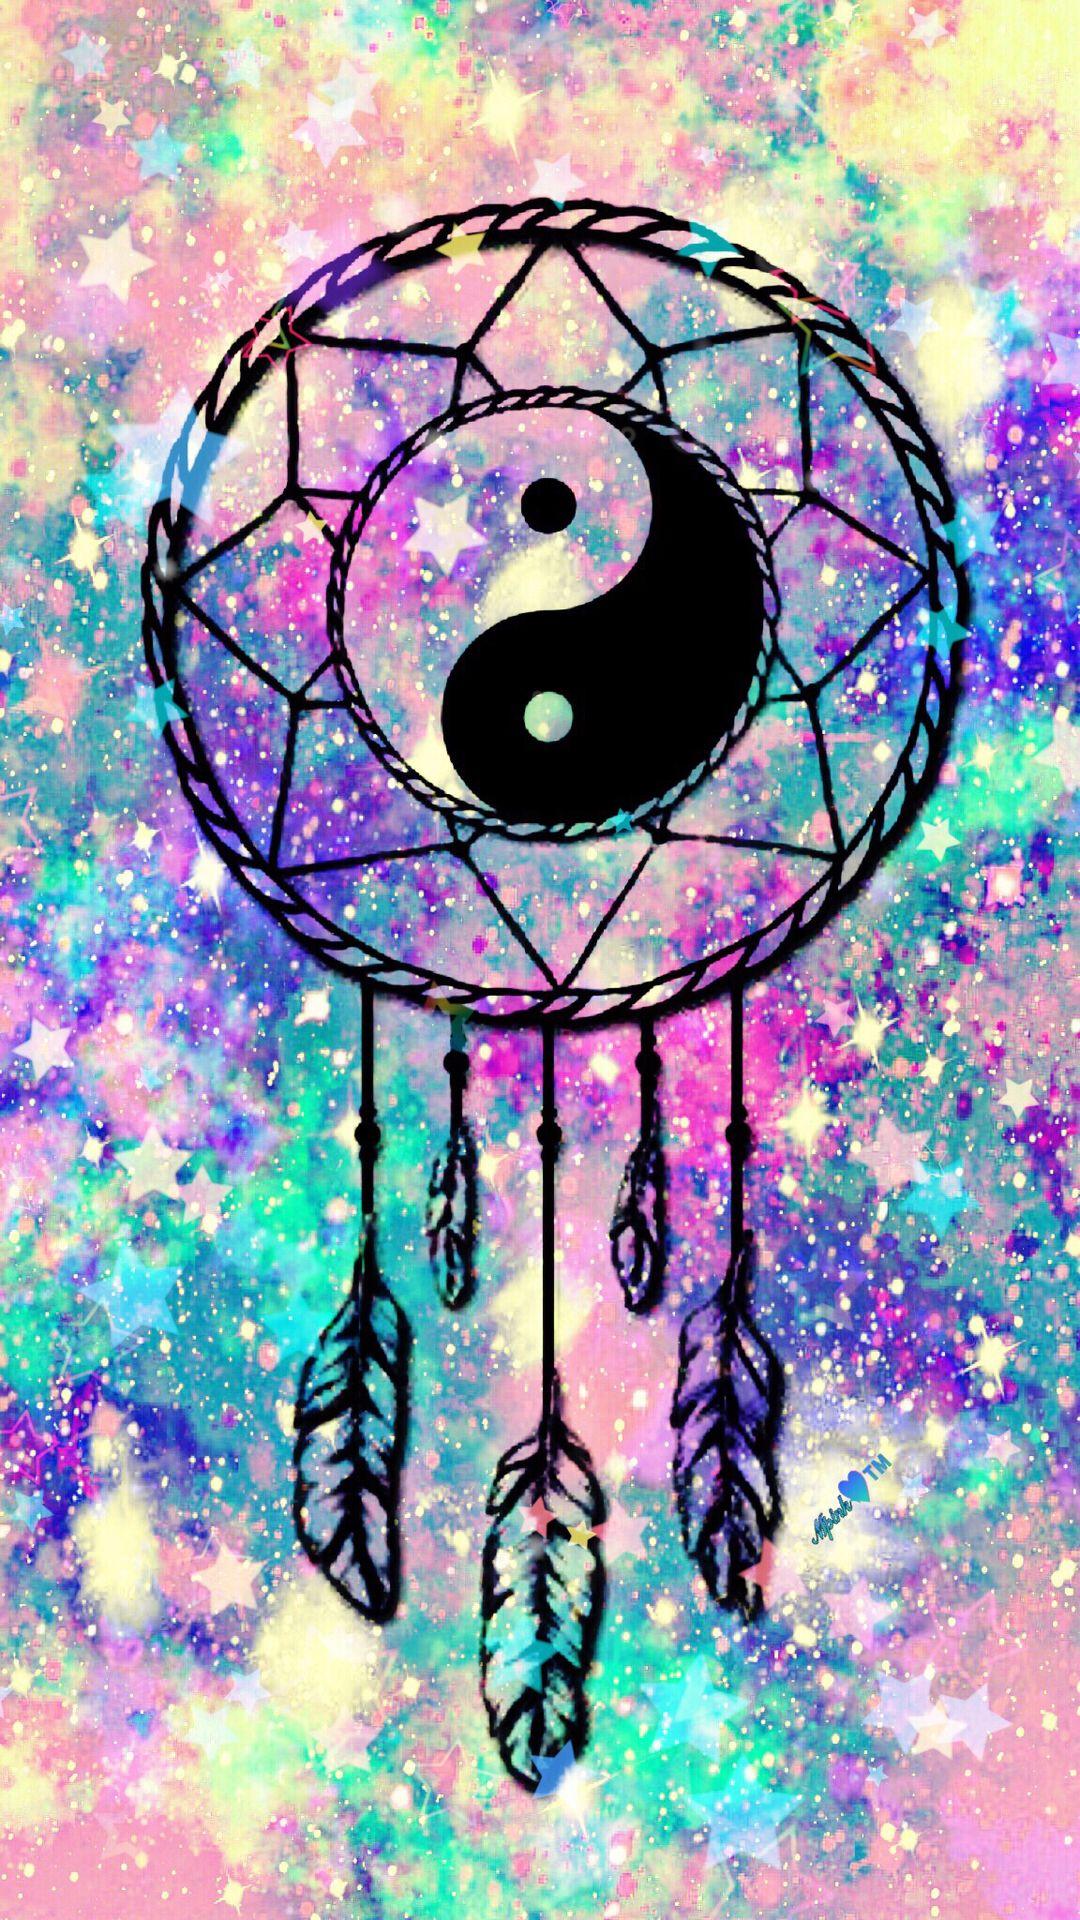 Yin Yang Dreamcatcher Galaxy Wallpaper androidwallpaper